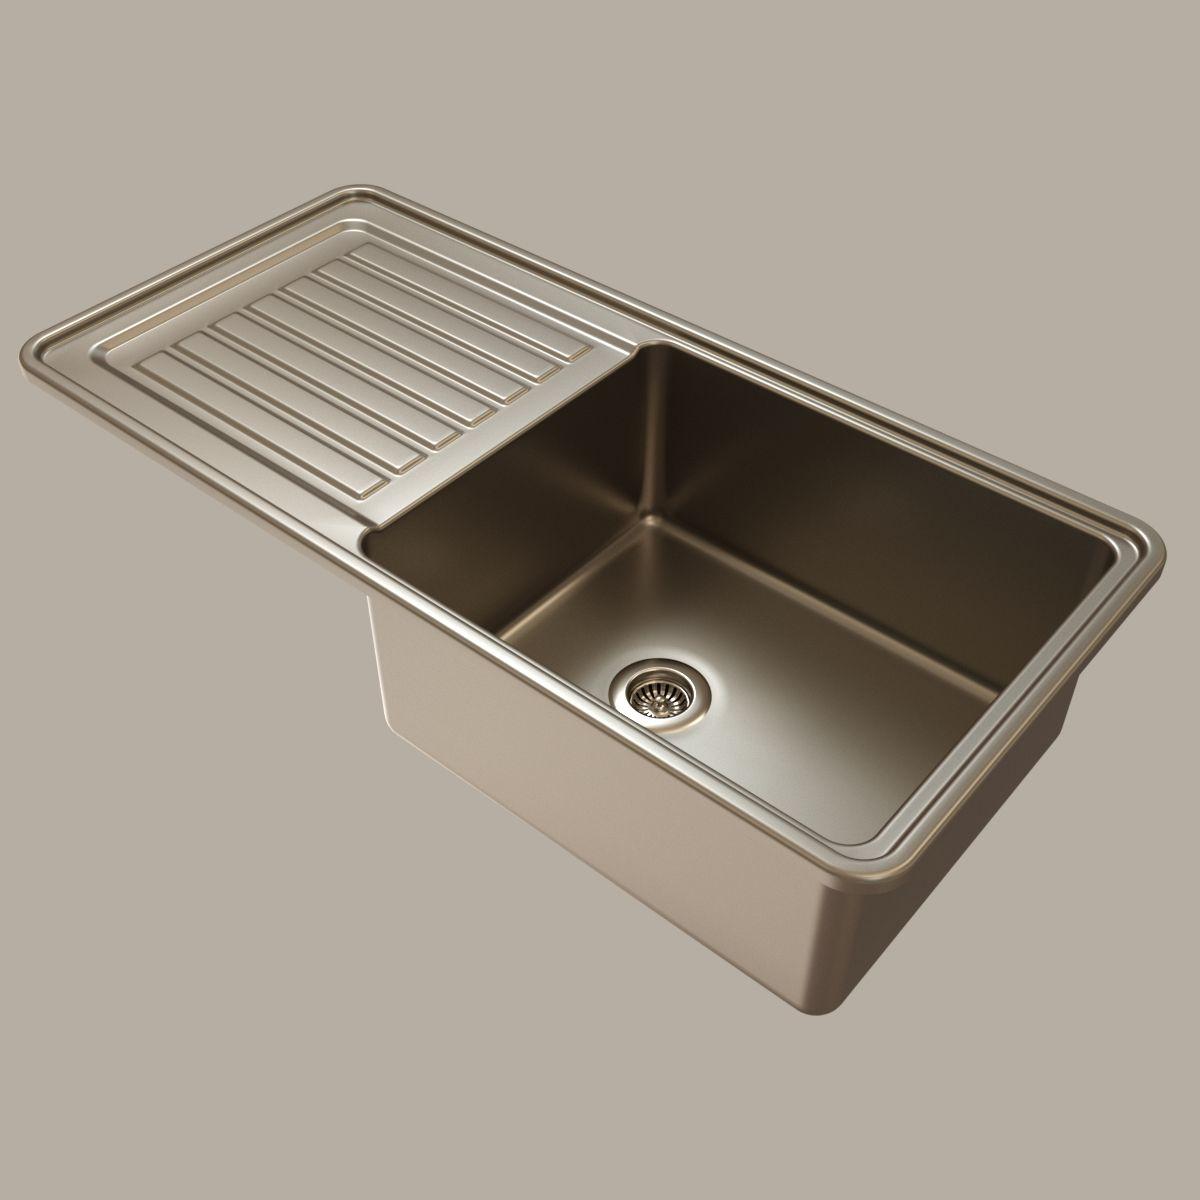 Stainless Steel Kitchen Sink Steel Stainless Sink Kitchen